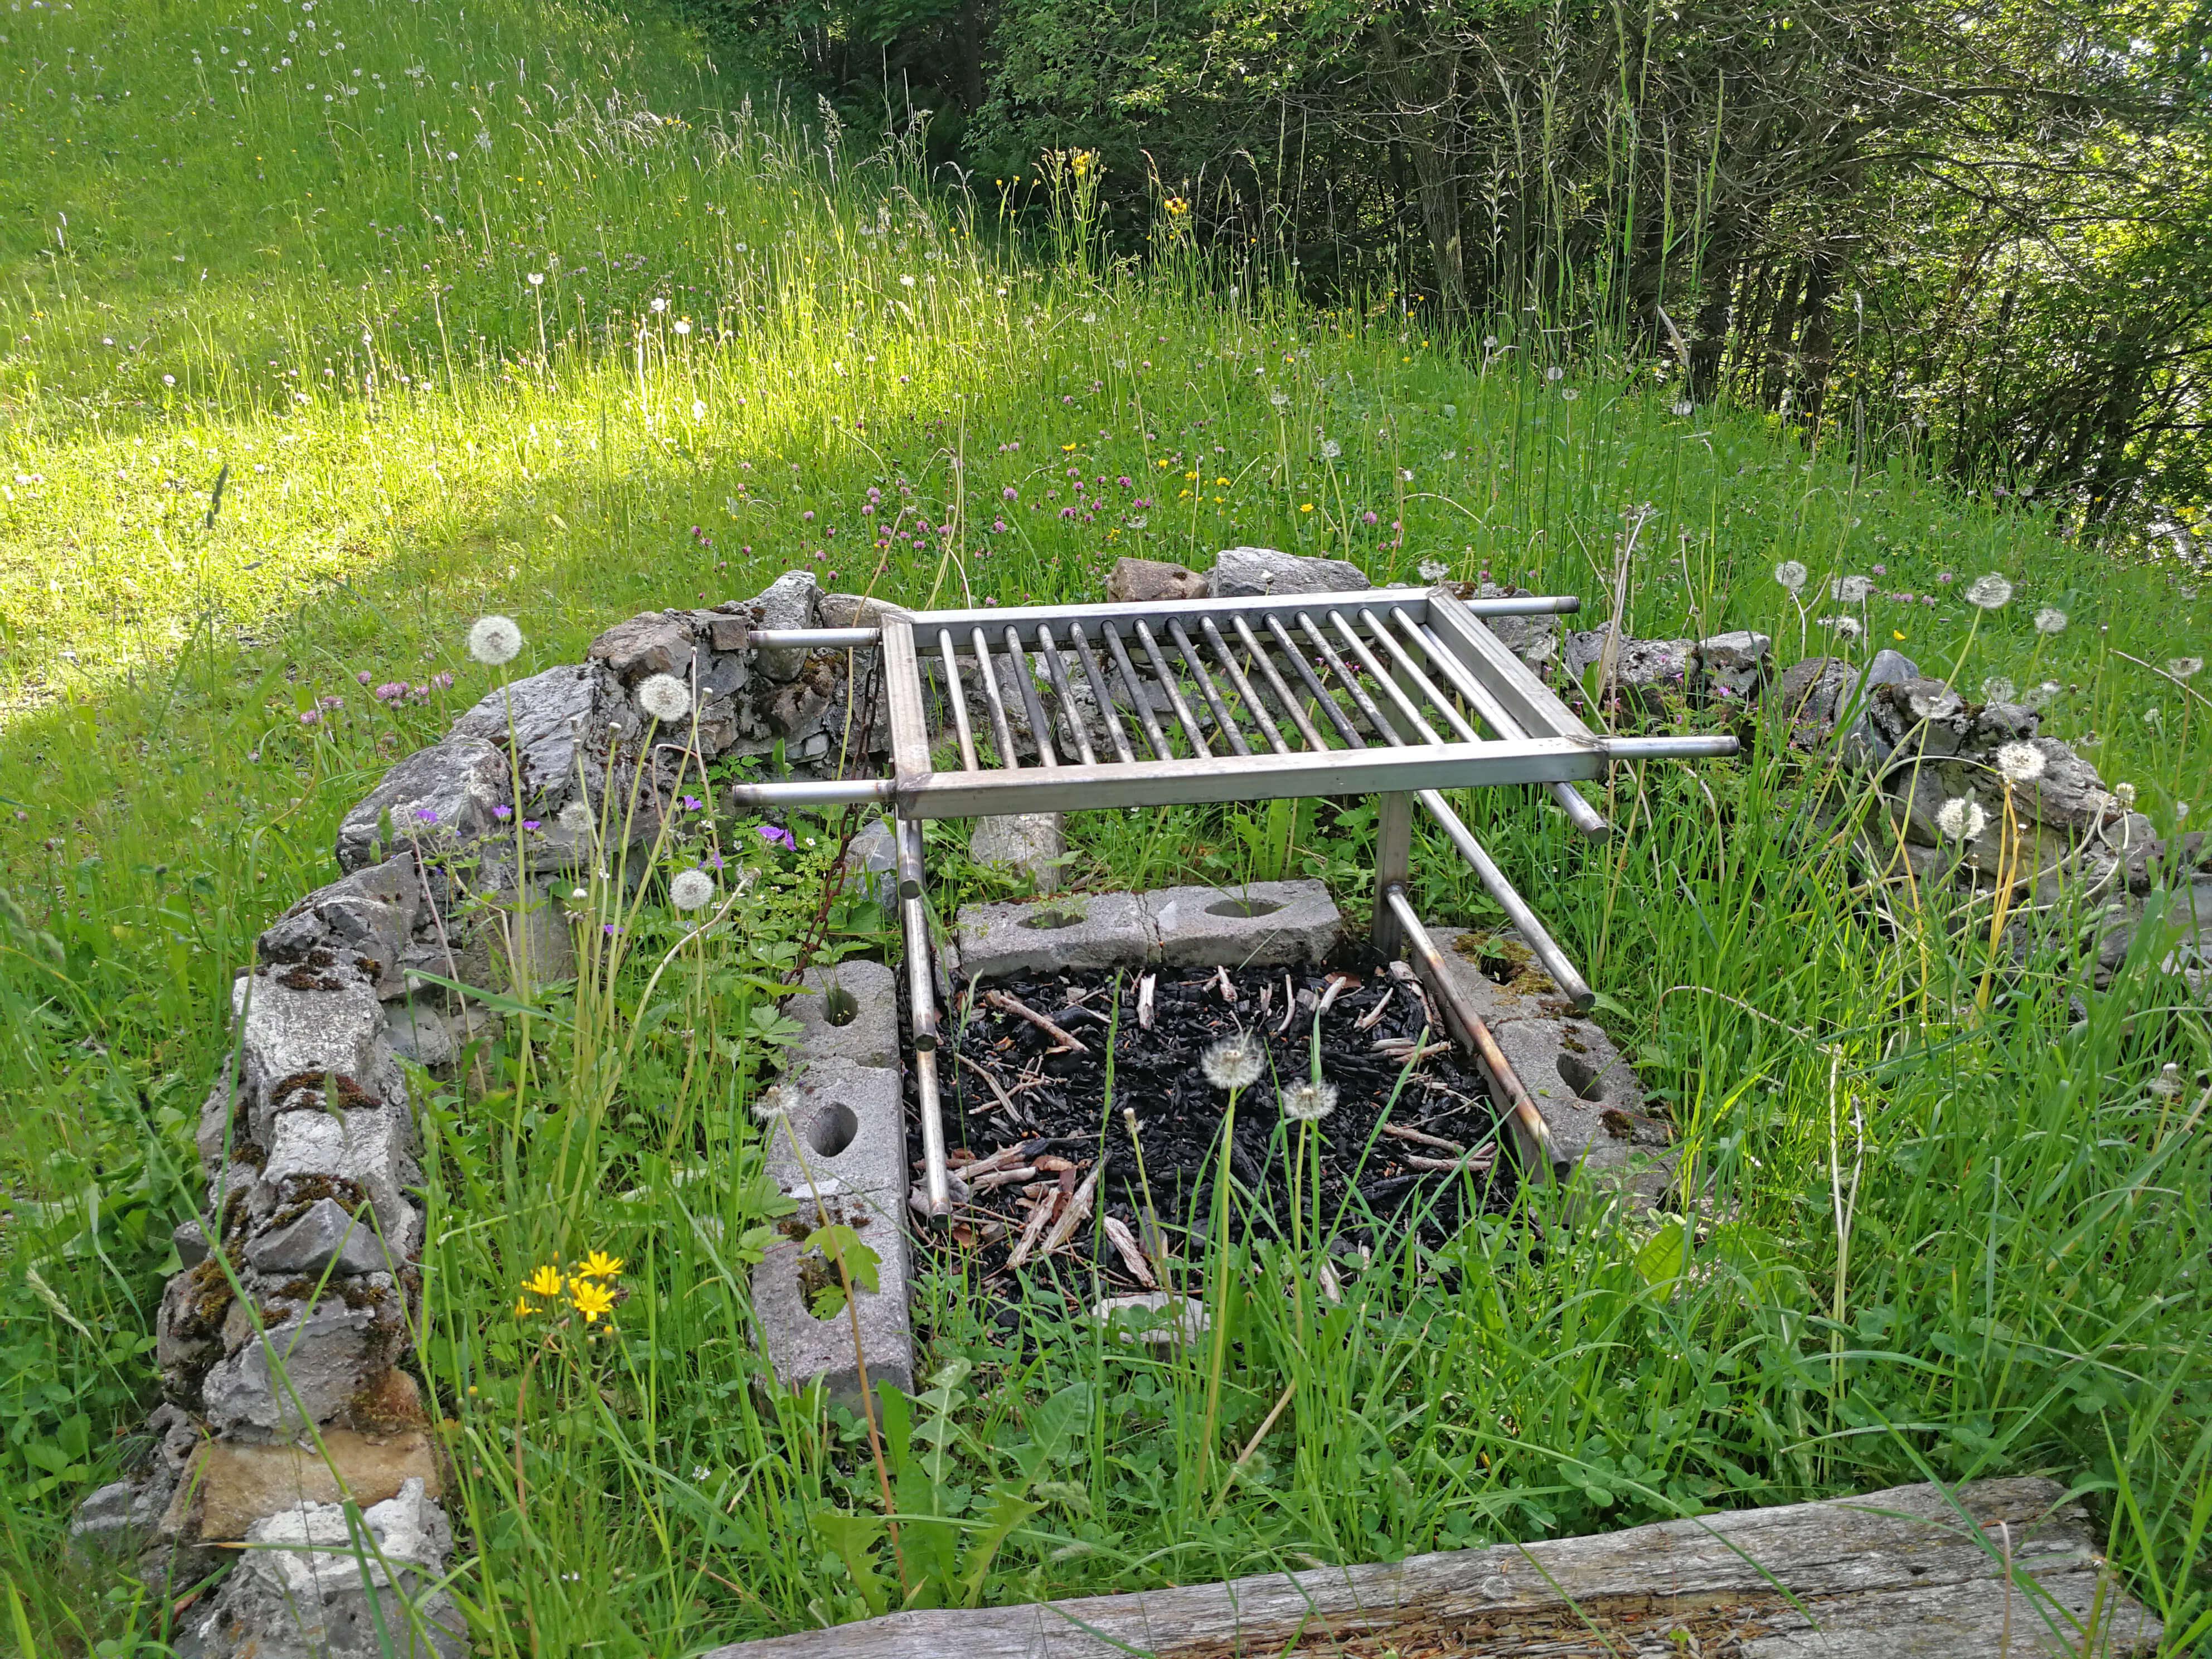 Feuerstelle zum Grillieren von feinem Grillgut